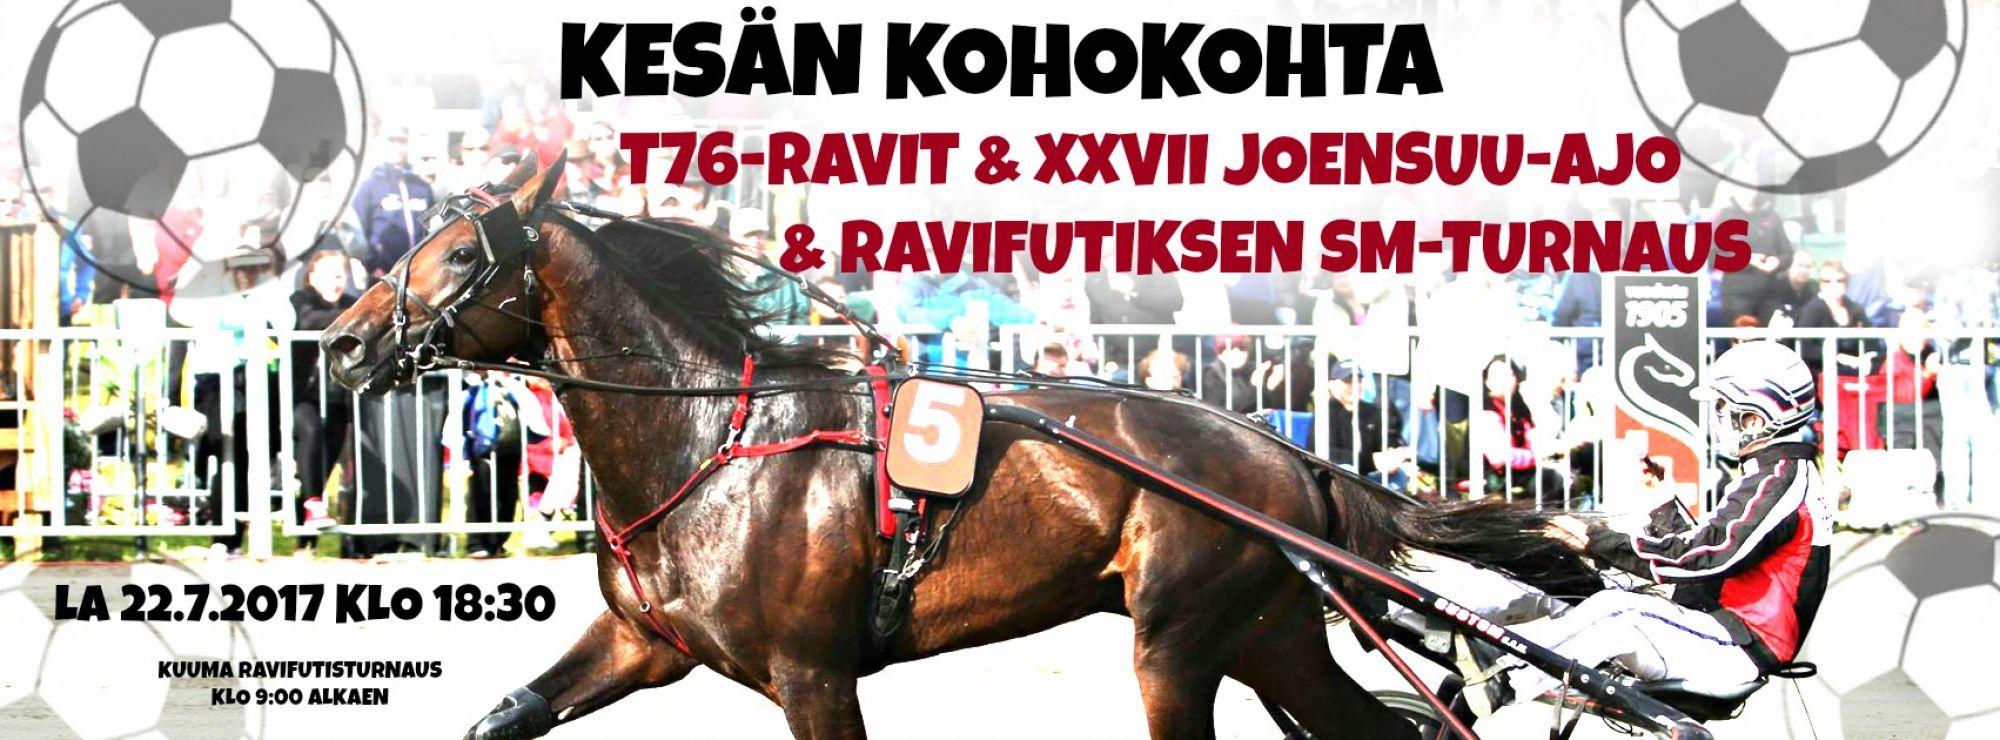 Toto76-ravit & Joensuu-ajo & ravifutiksen SM